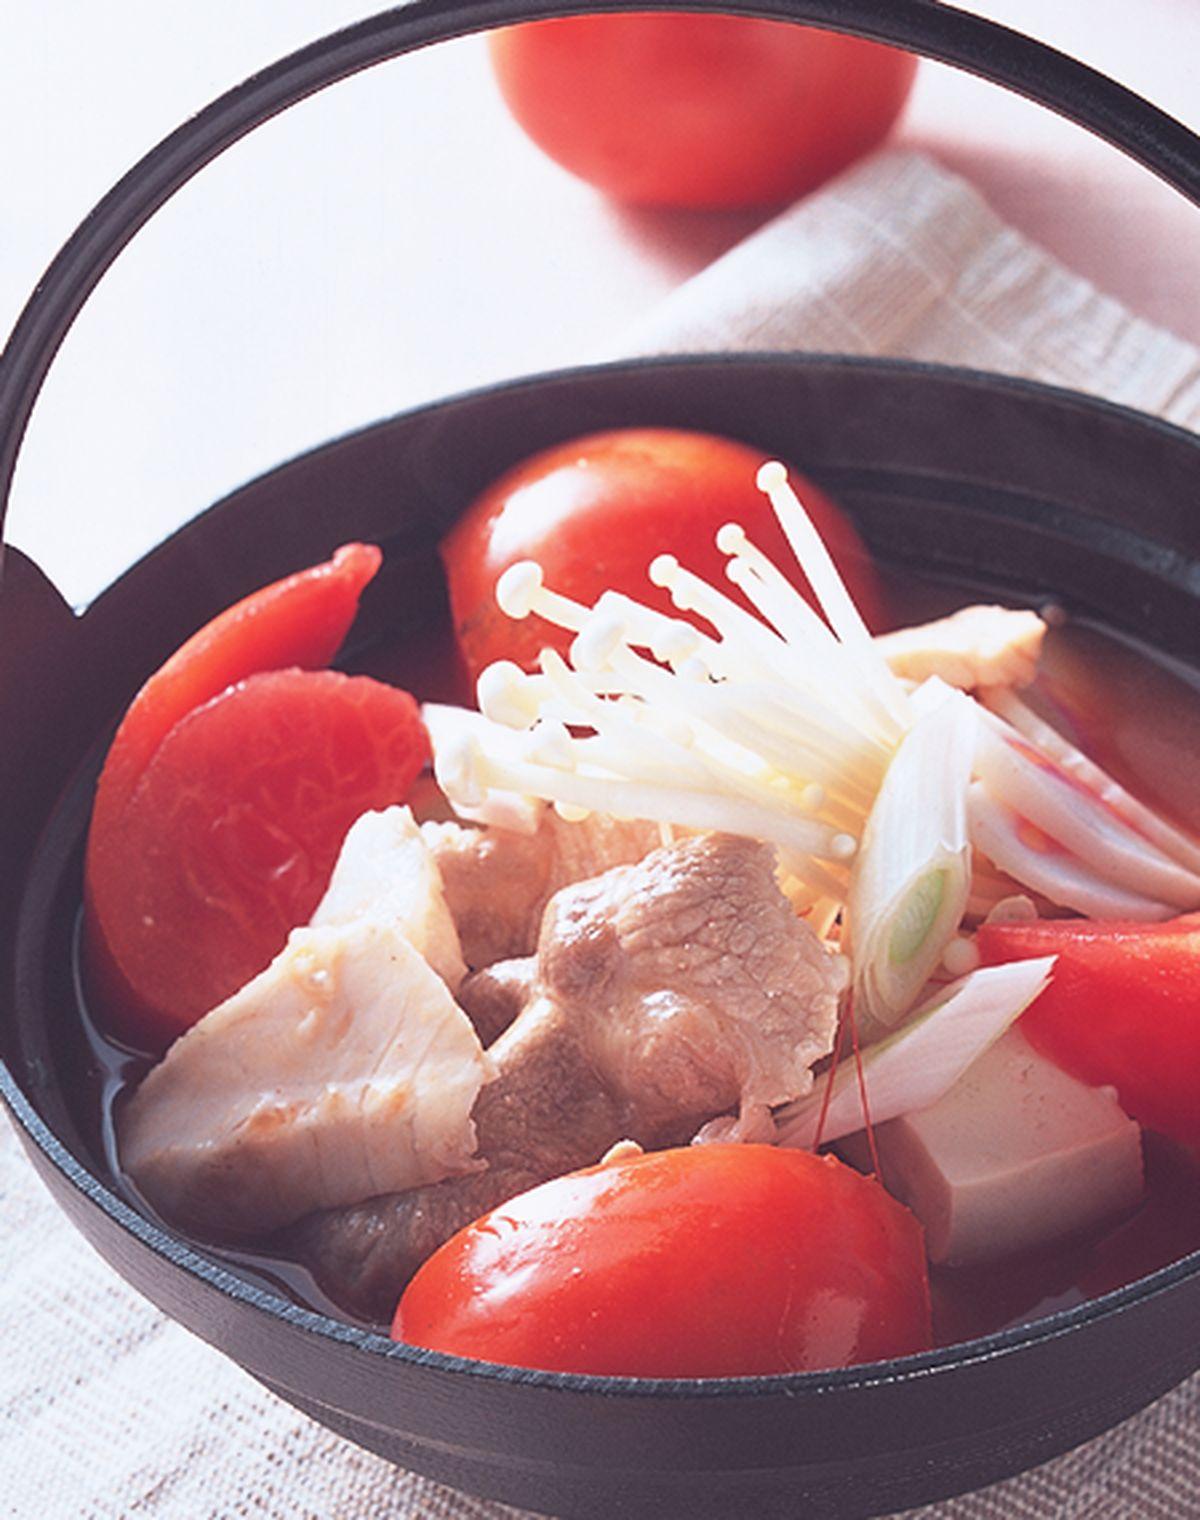 食譜:蕃茄什錦鍋